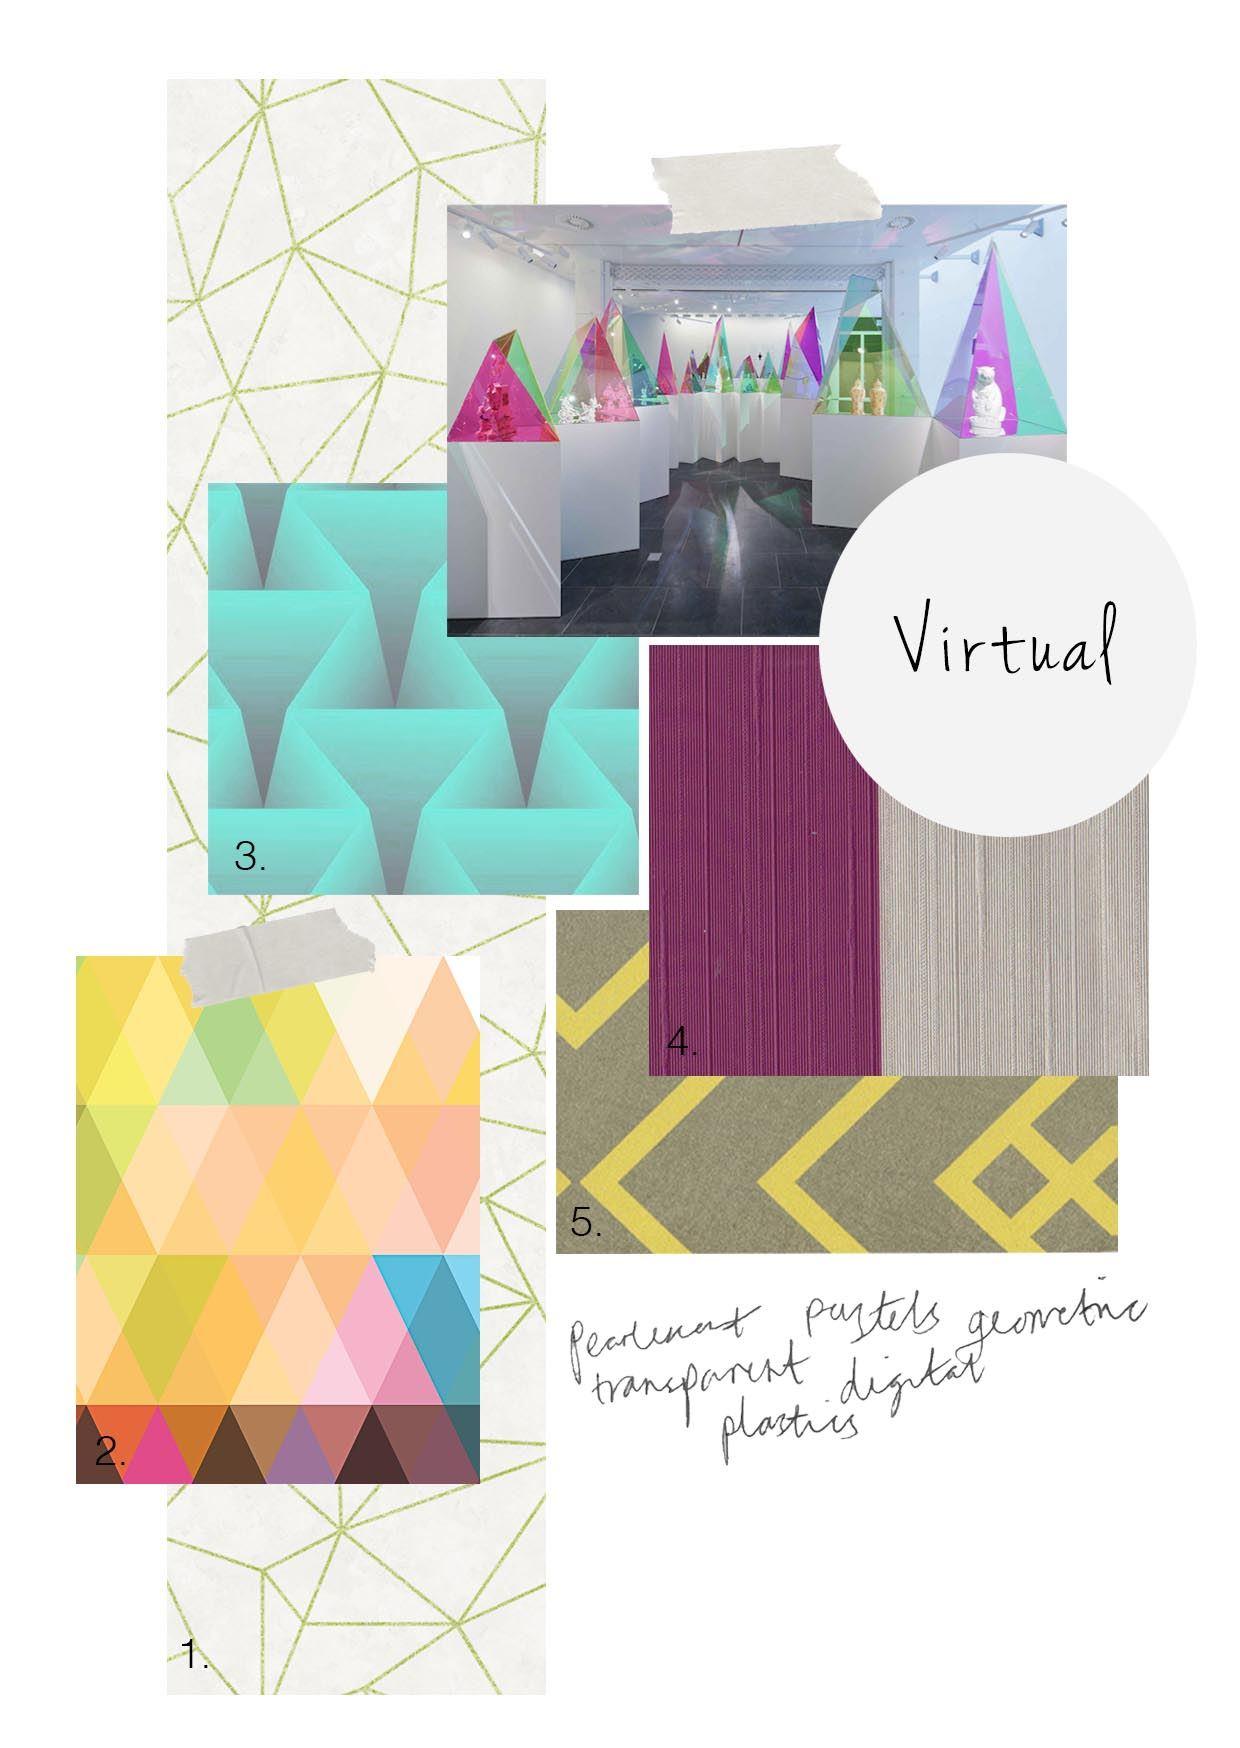 virtual-postcard-1